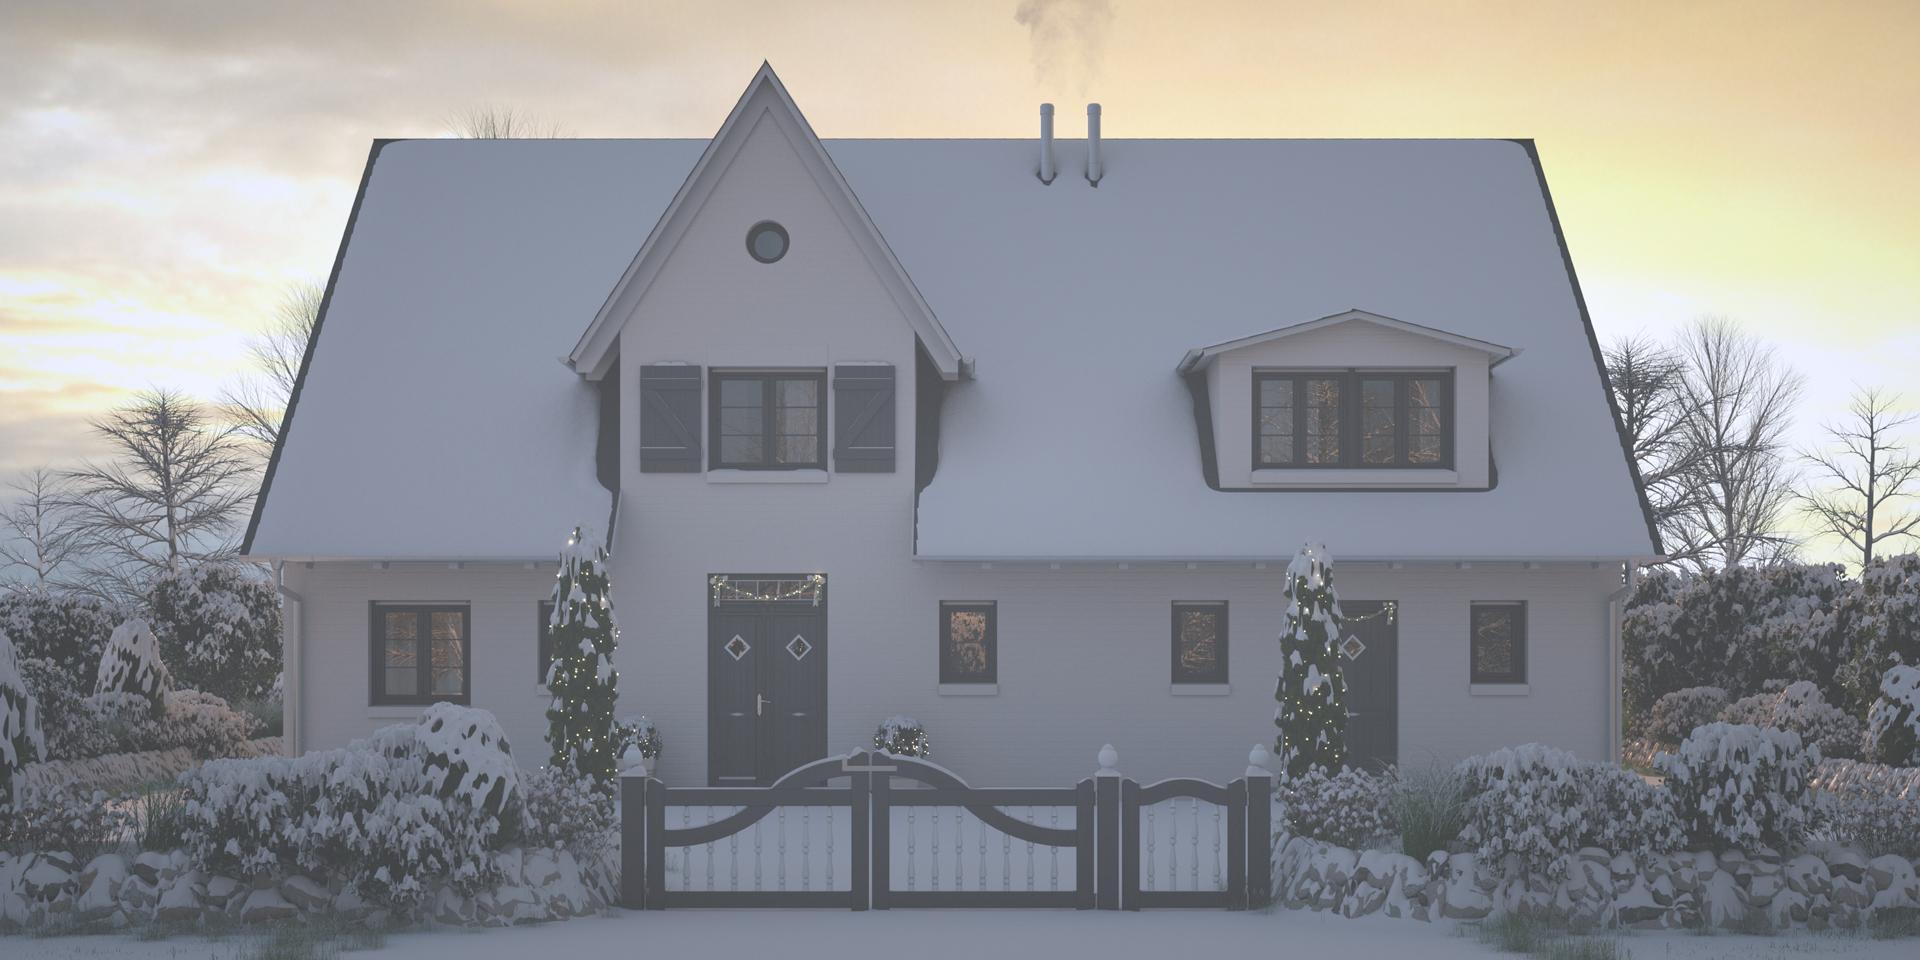 Visualisierung Ferienhaus Sylt Winter - Plankosmos 3D Architekturvisualisierung